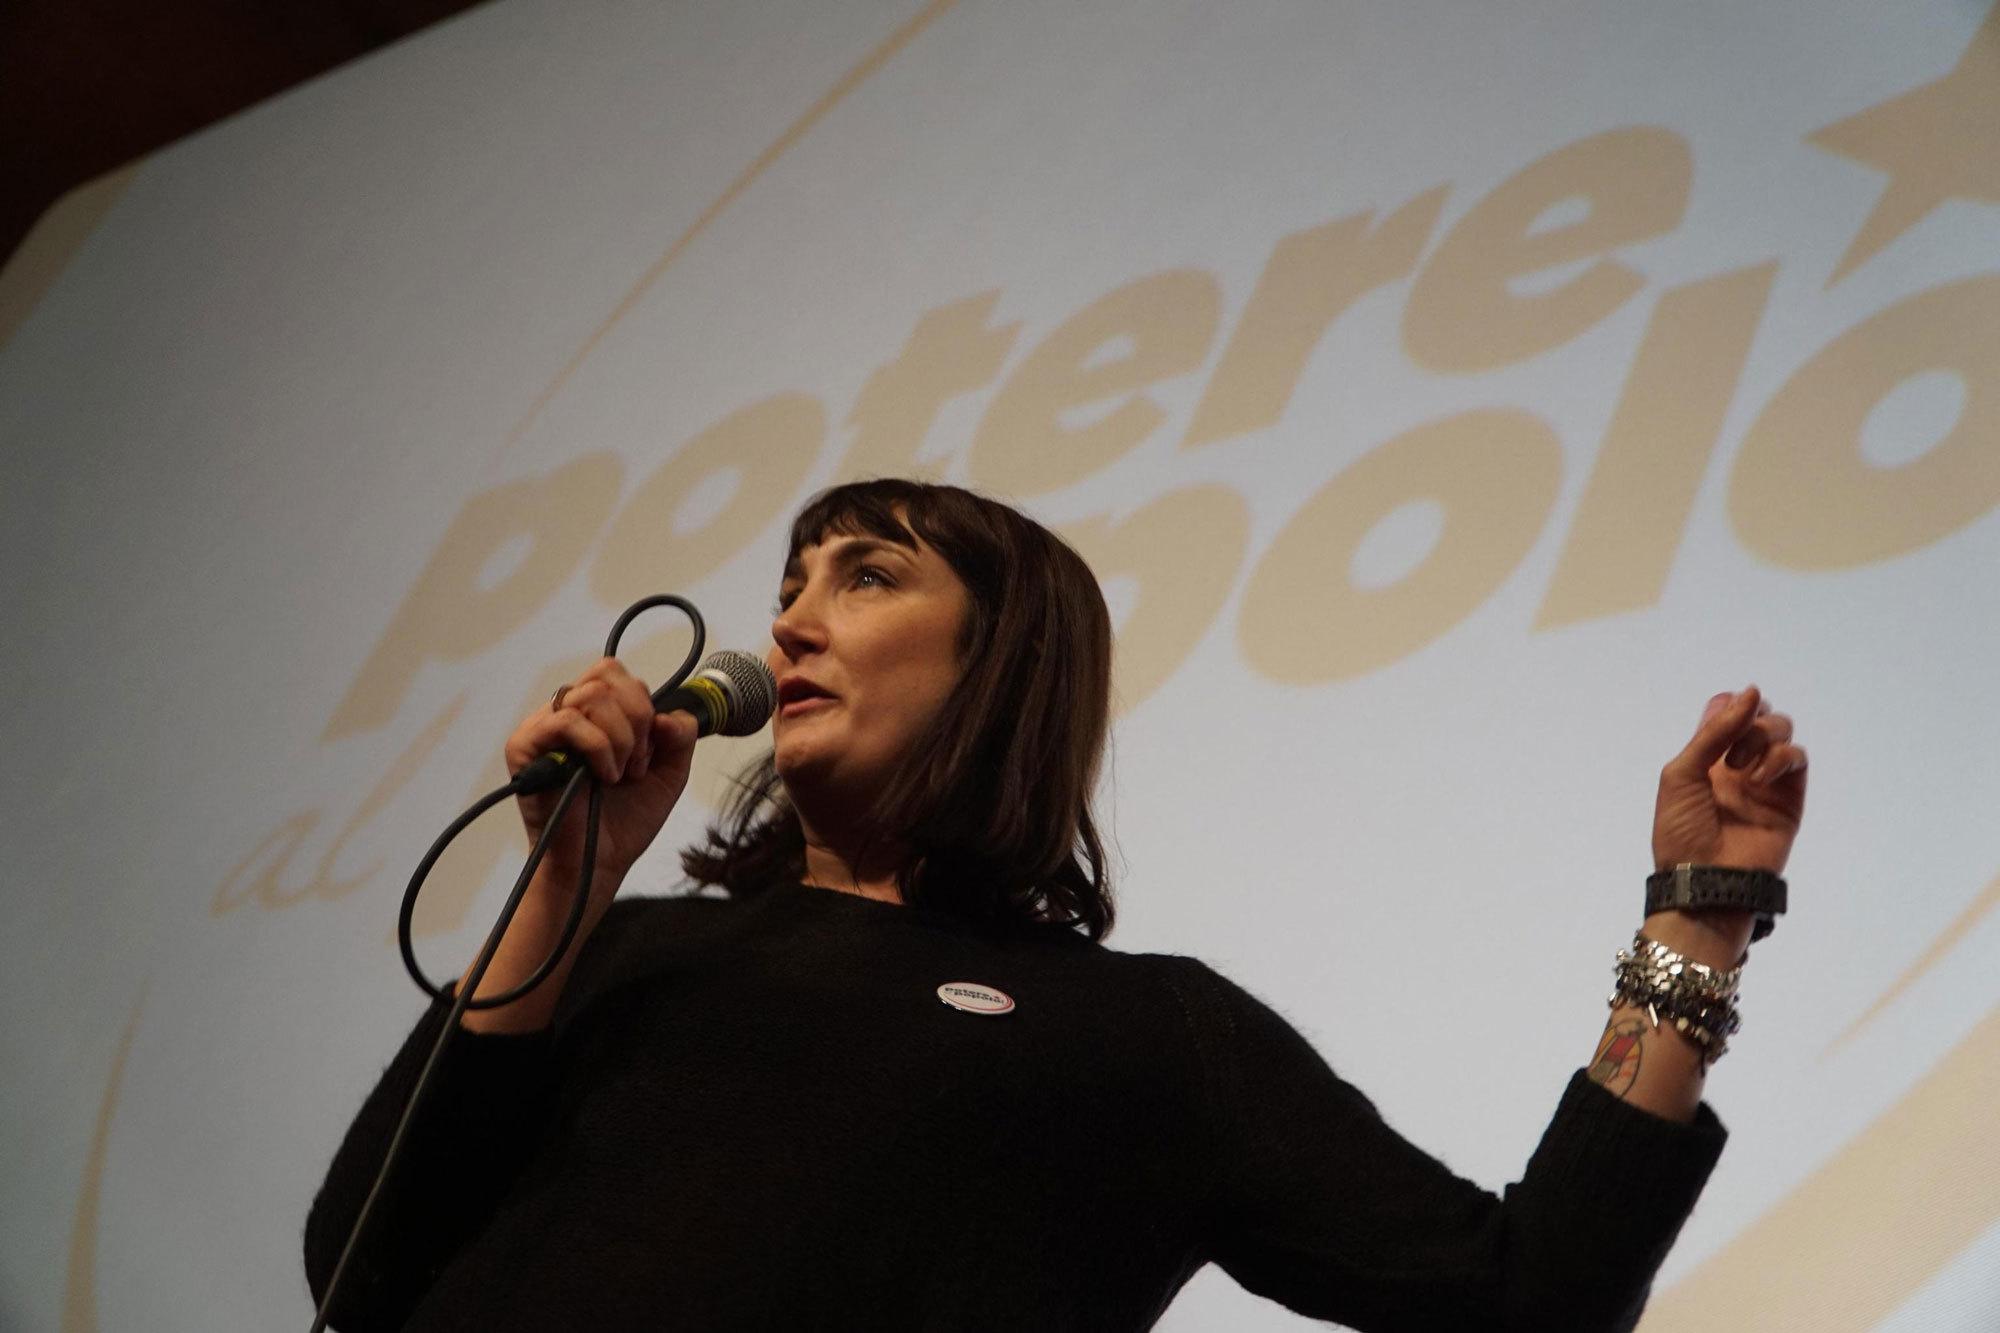 Viola Carofalo, portavoce di Potere al popolo, durante la presentazione della lista al cinema Modernissimo di Napoli, il 14 gennaio 2018. (Cesare Abbate, Ansa)